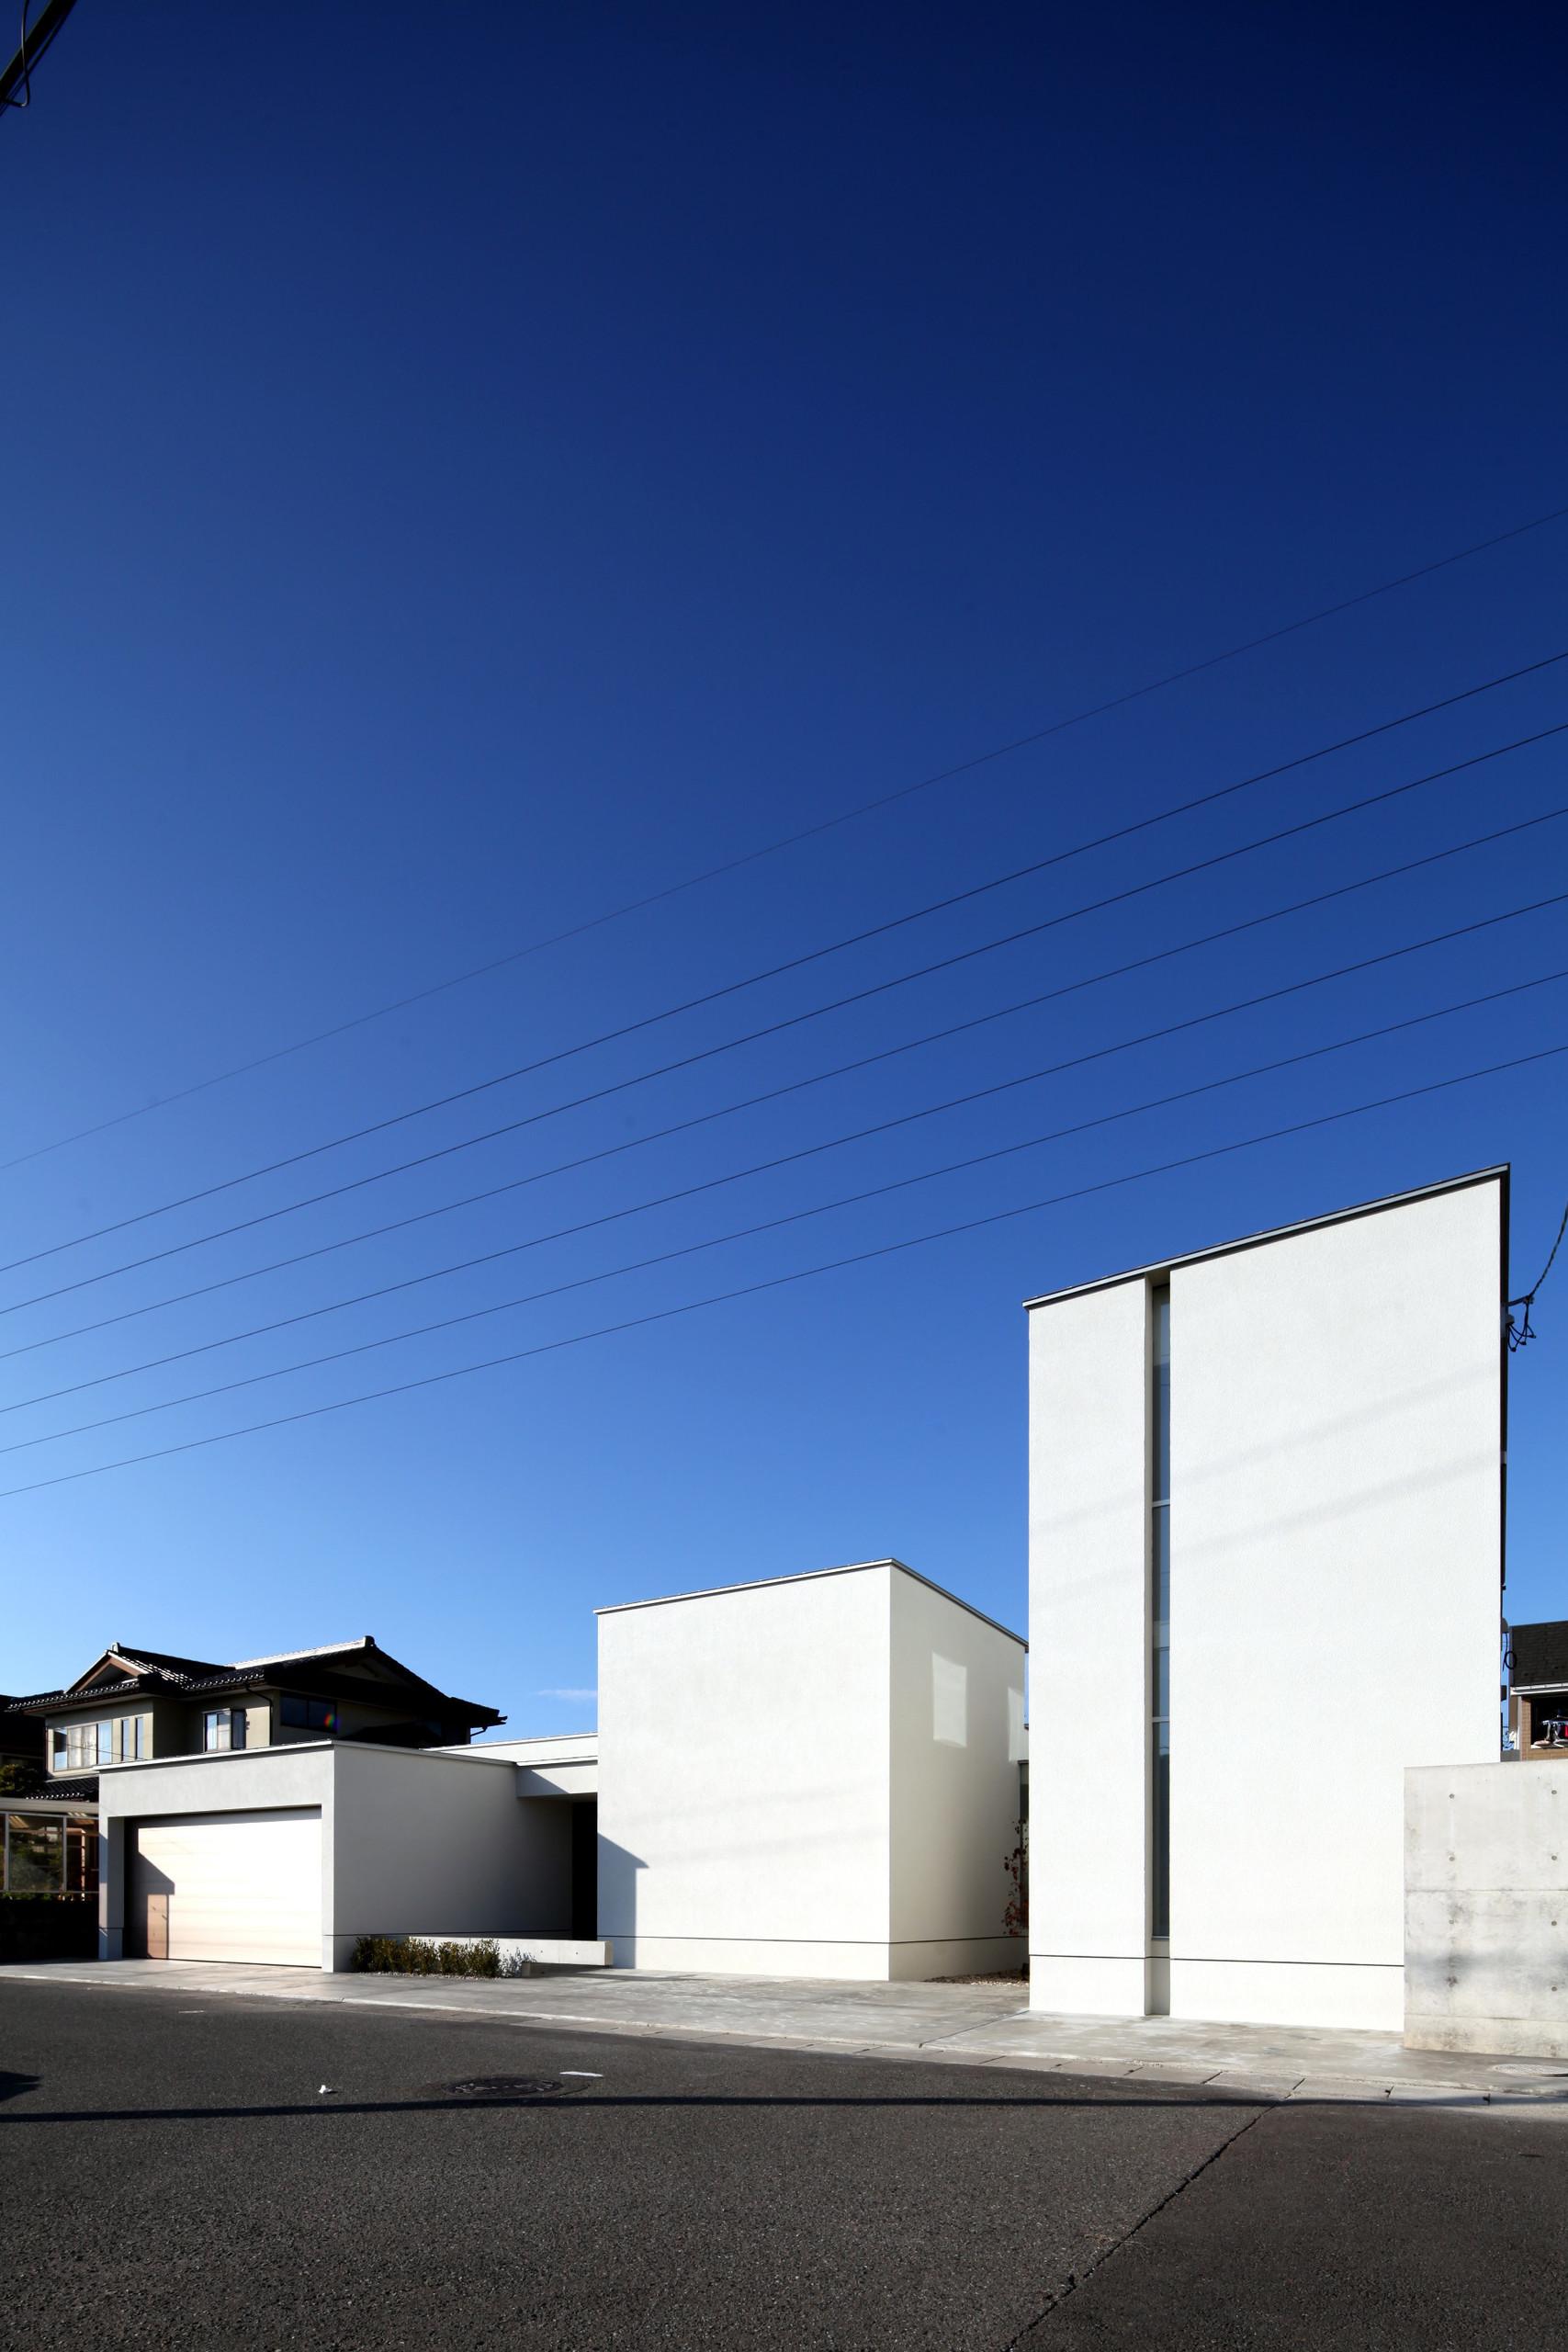 分散されたボリュームによって街に明るさを与えます。 | 月栖の家(つきすみのいえ)~プライバシーと街並みの両立~